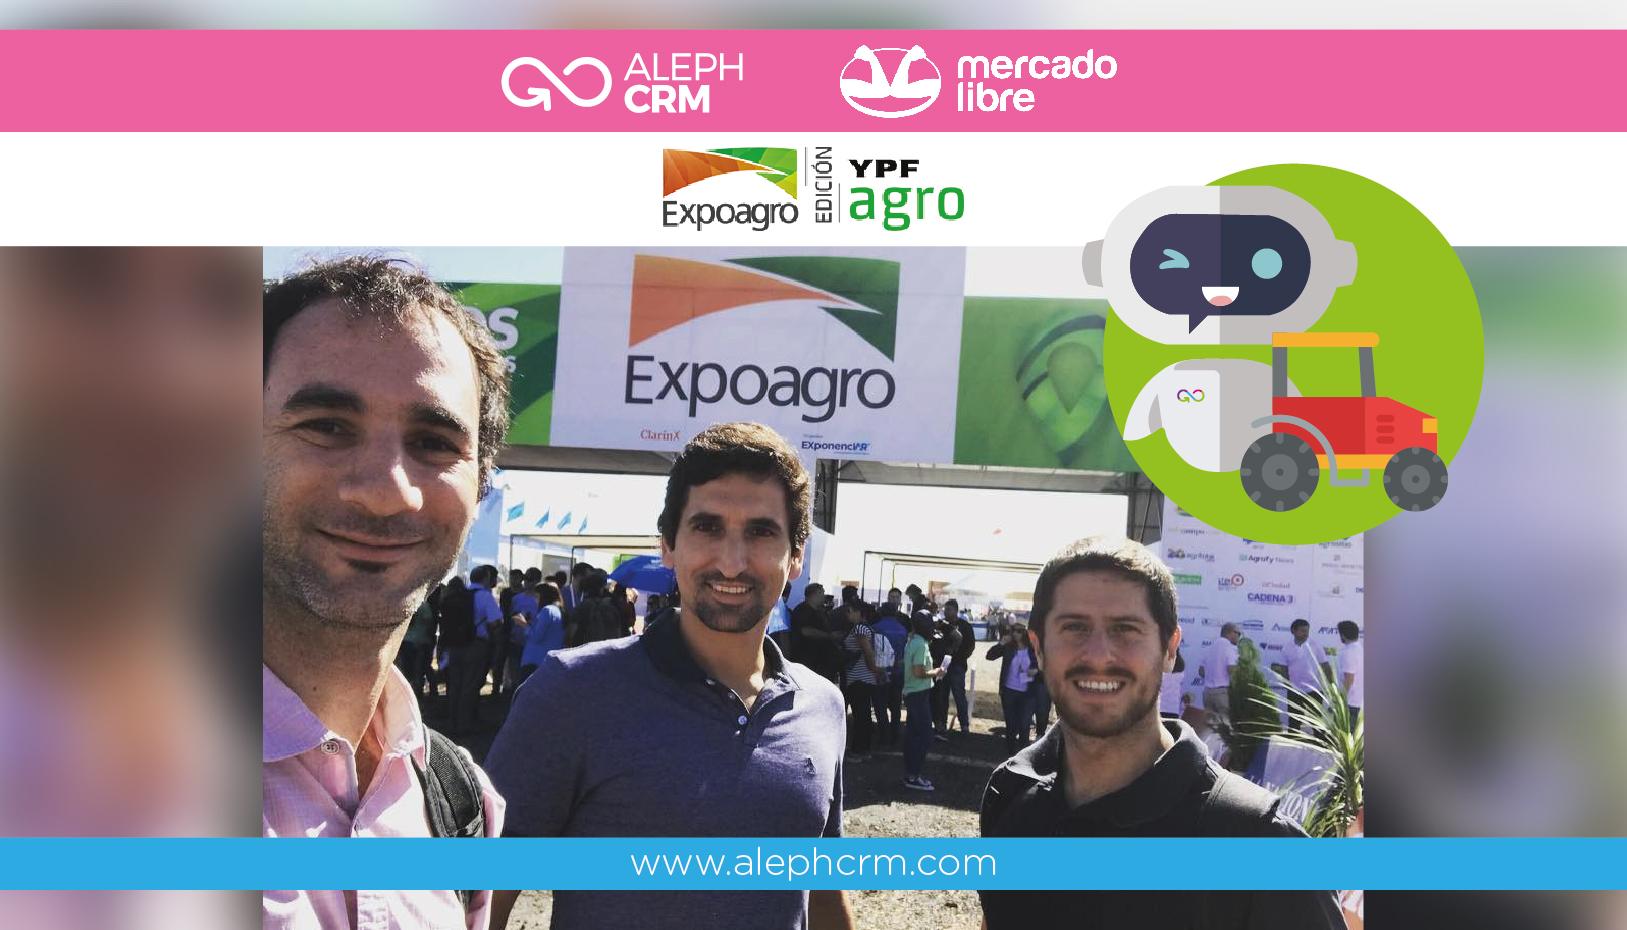 AlephCRM y Mercado Libre le dan la bienvenida a la industria agrícola, en la nueva era del comercio electrónico